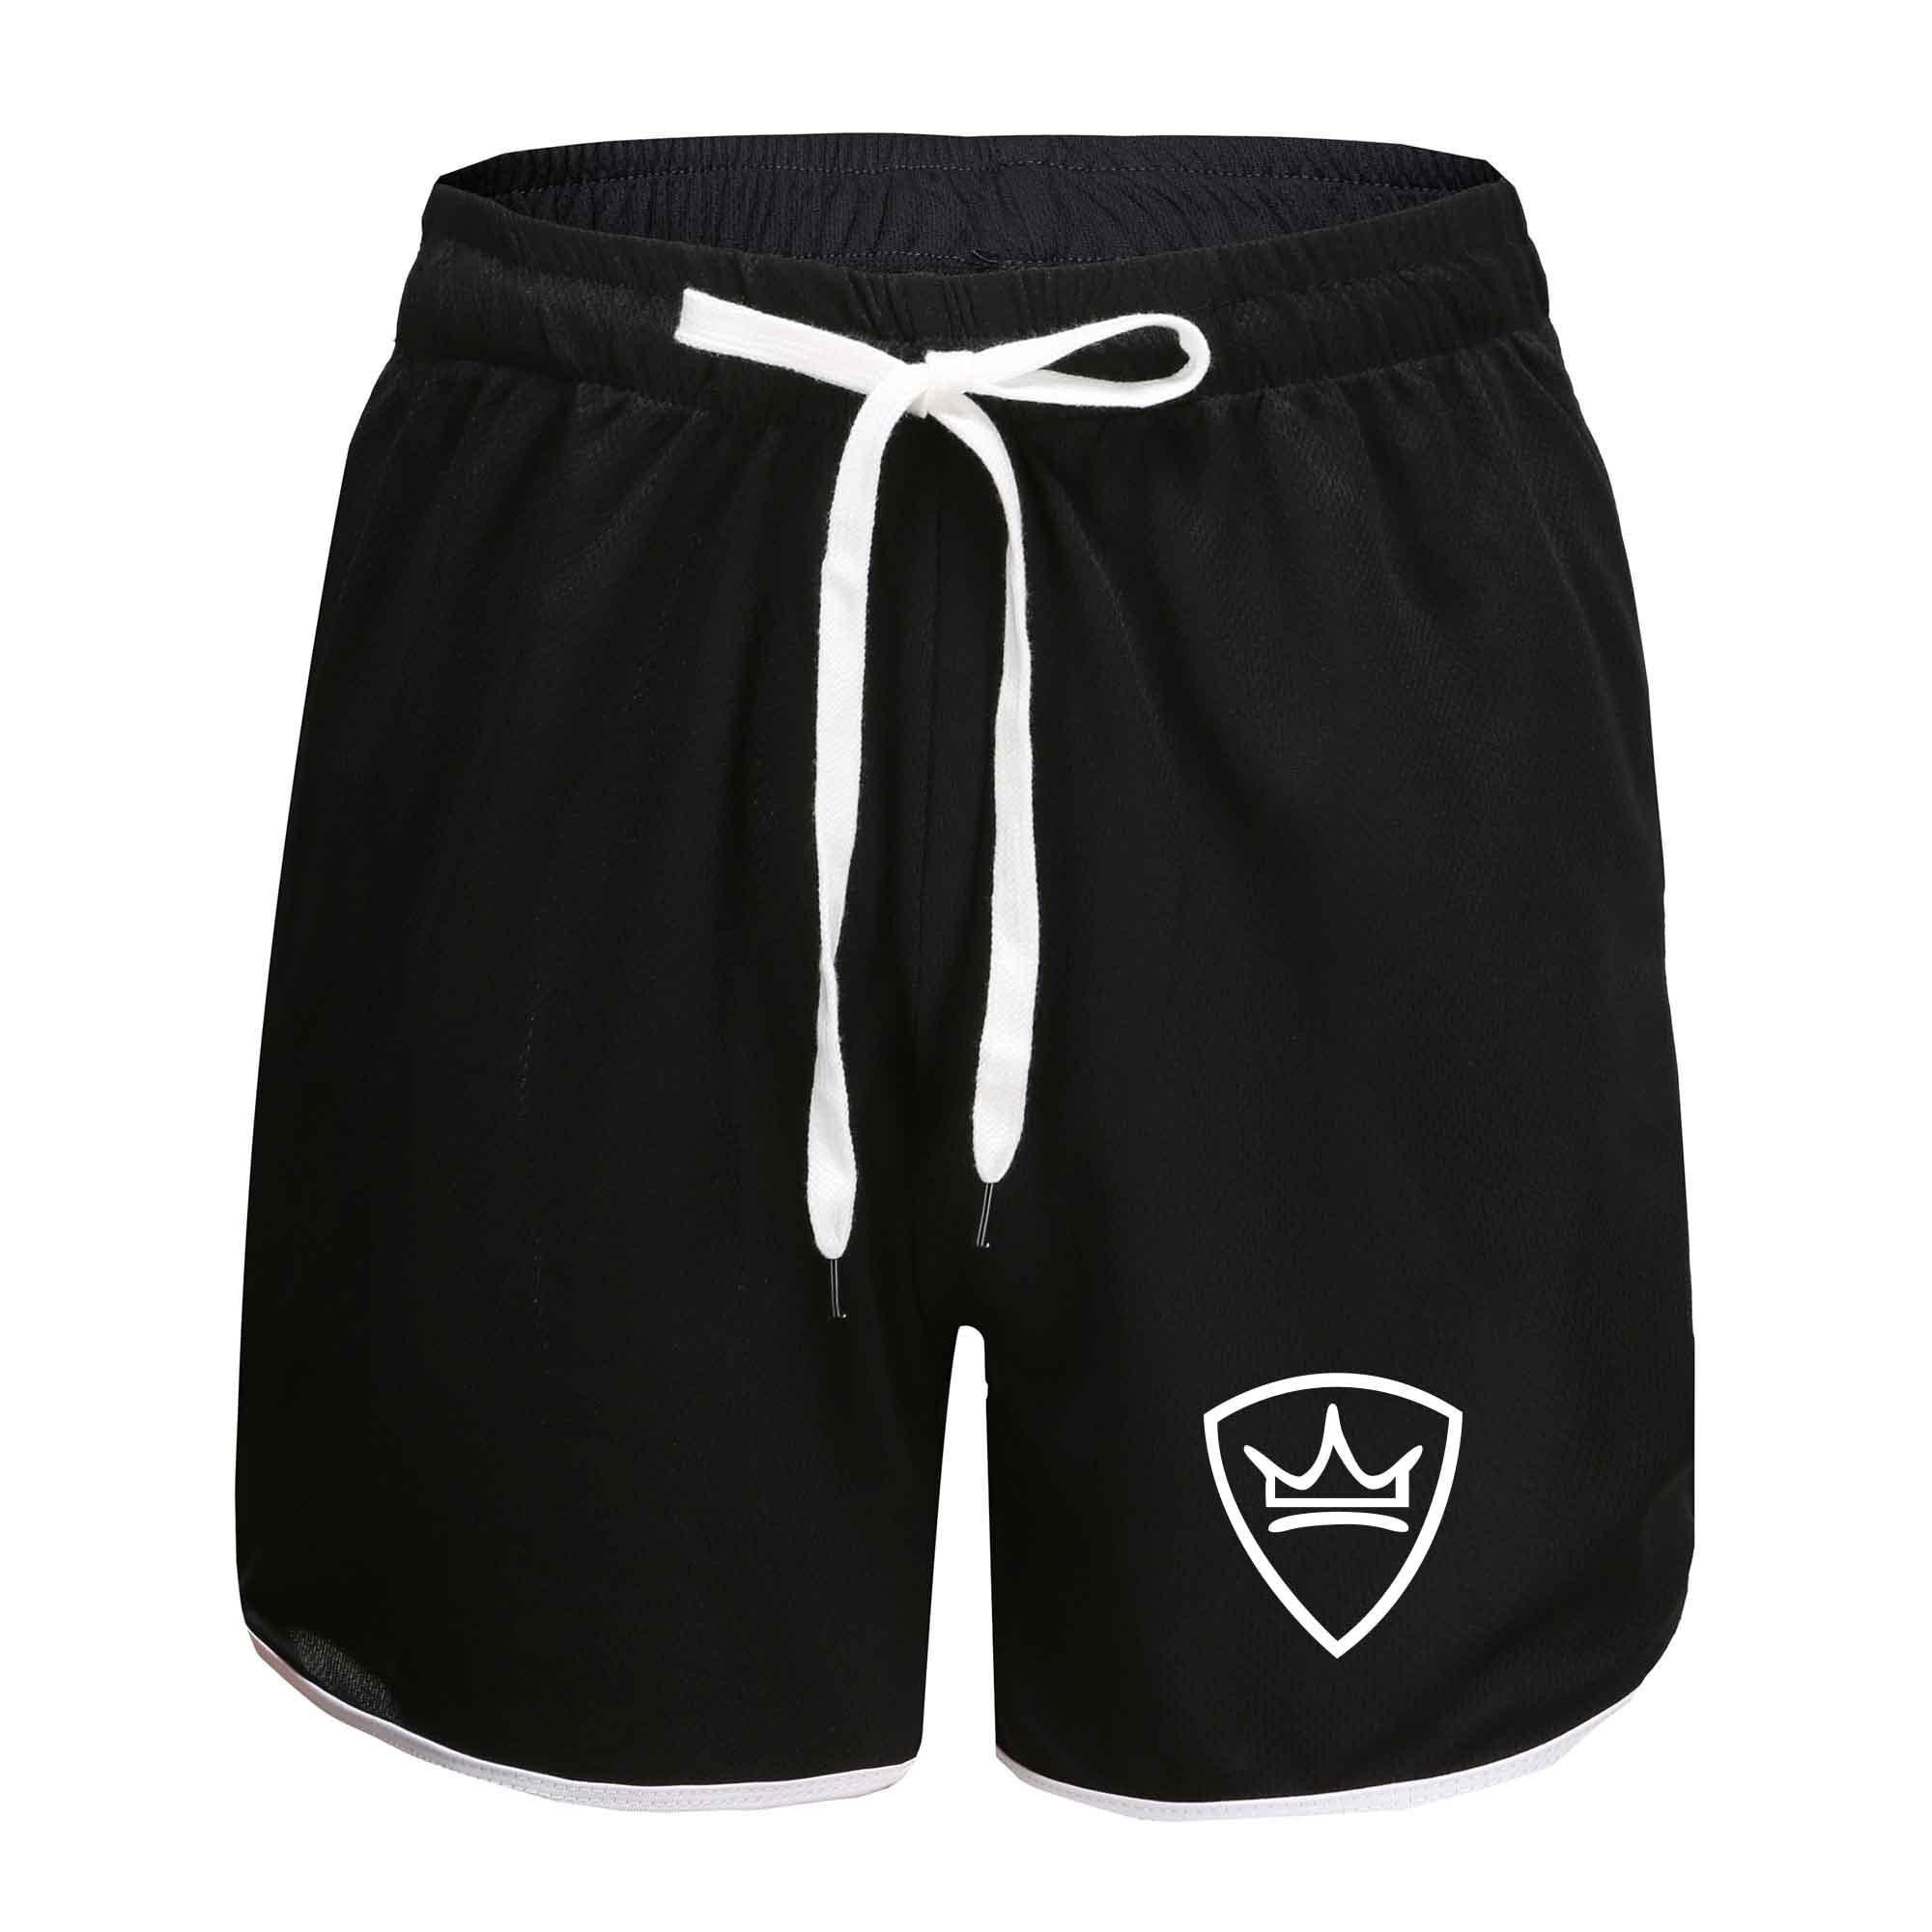 Мужские спортивные шорты для бега, пляжа, хит продаж, быстросохнущие мужские шорты для серфинга, спортивные дышащие шорты